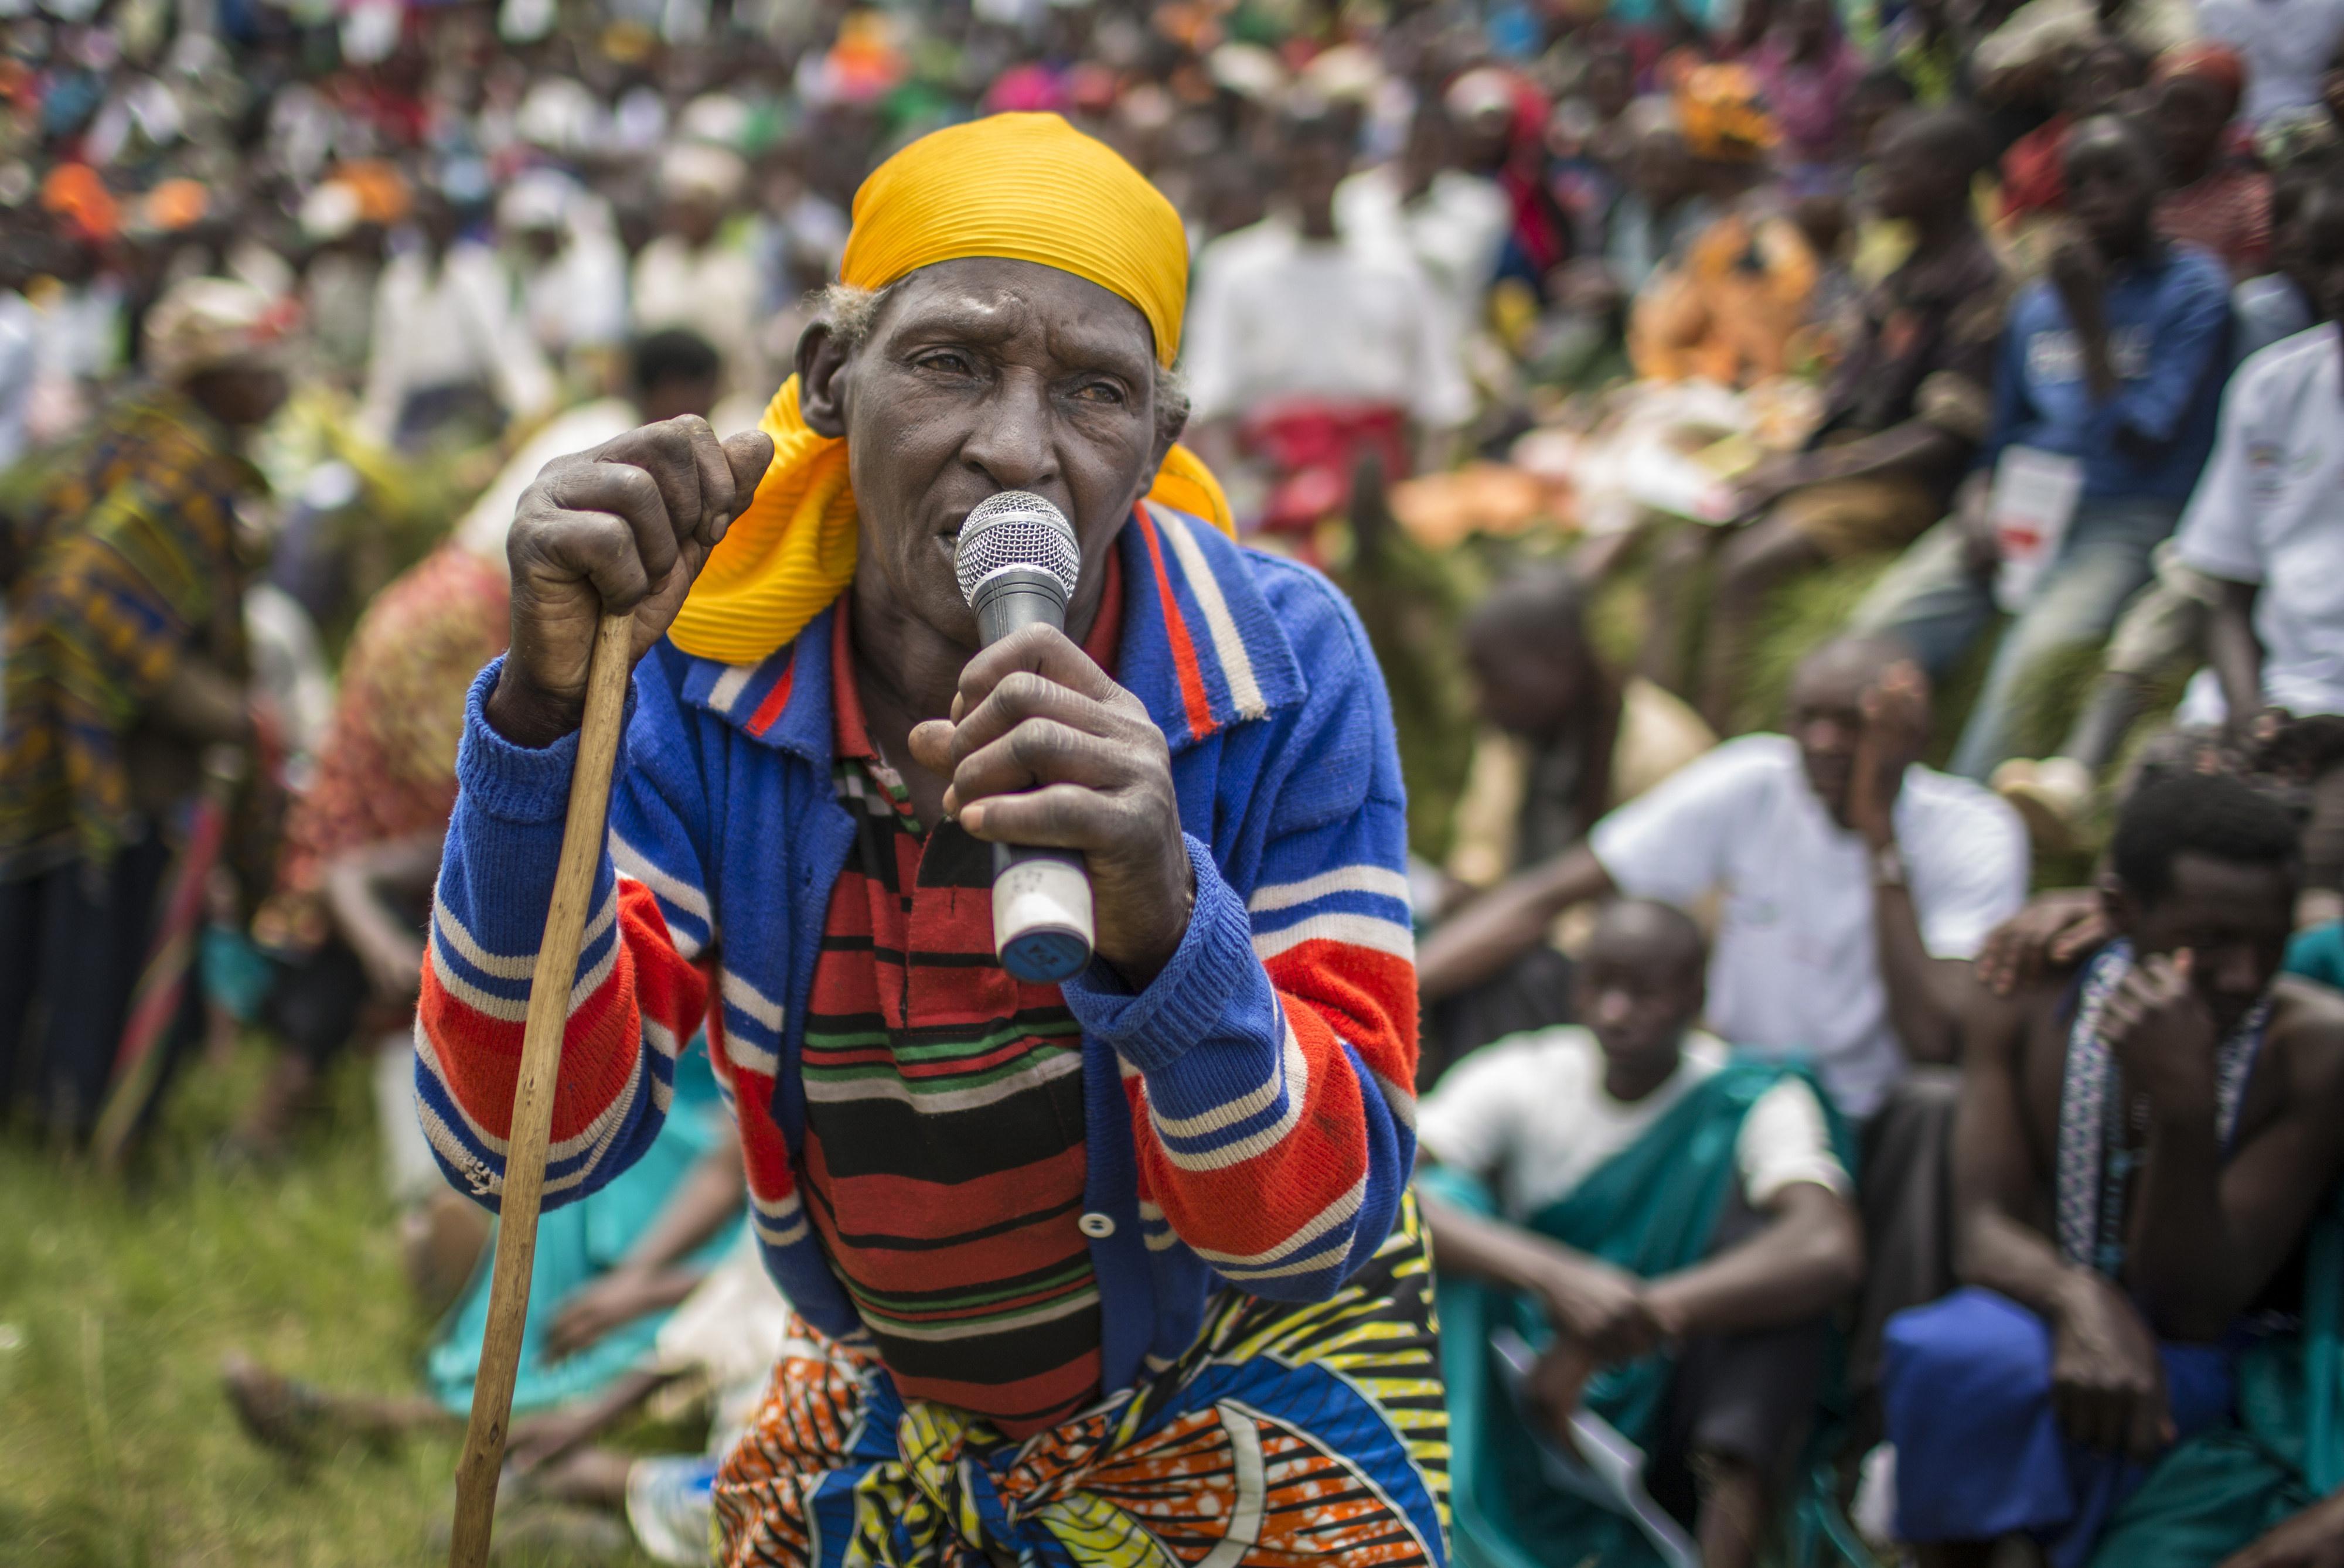 Ein Mann aus Musebeya in Ruanda spricht während eines öffentlichen Dialogs über die Verbesserung der politischen Teilhabe von Bürgerinnen und Bürgern.